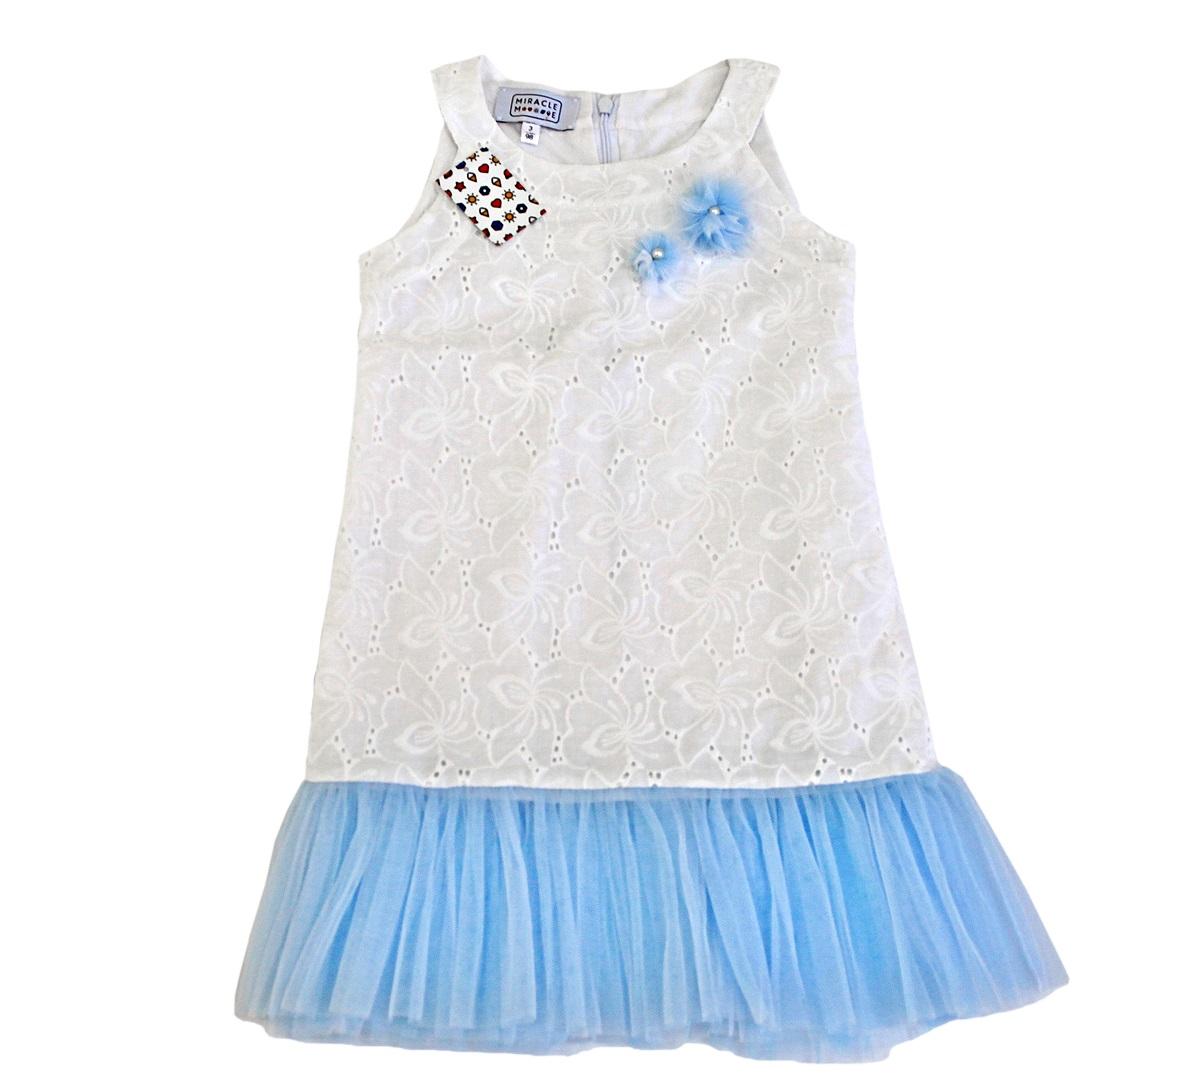 Платье детские Miracle ME модель Арт-020463-1 цена, 2017